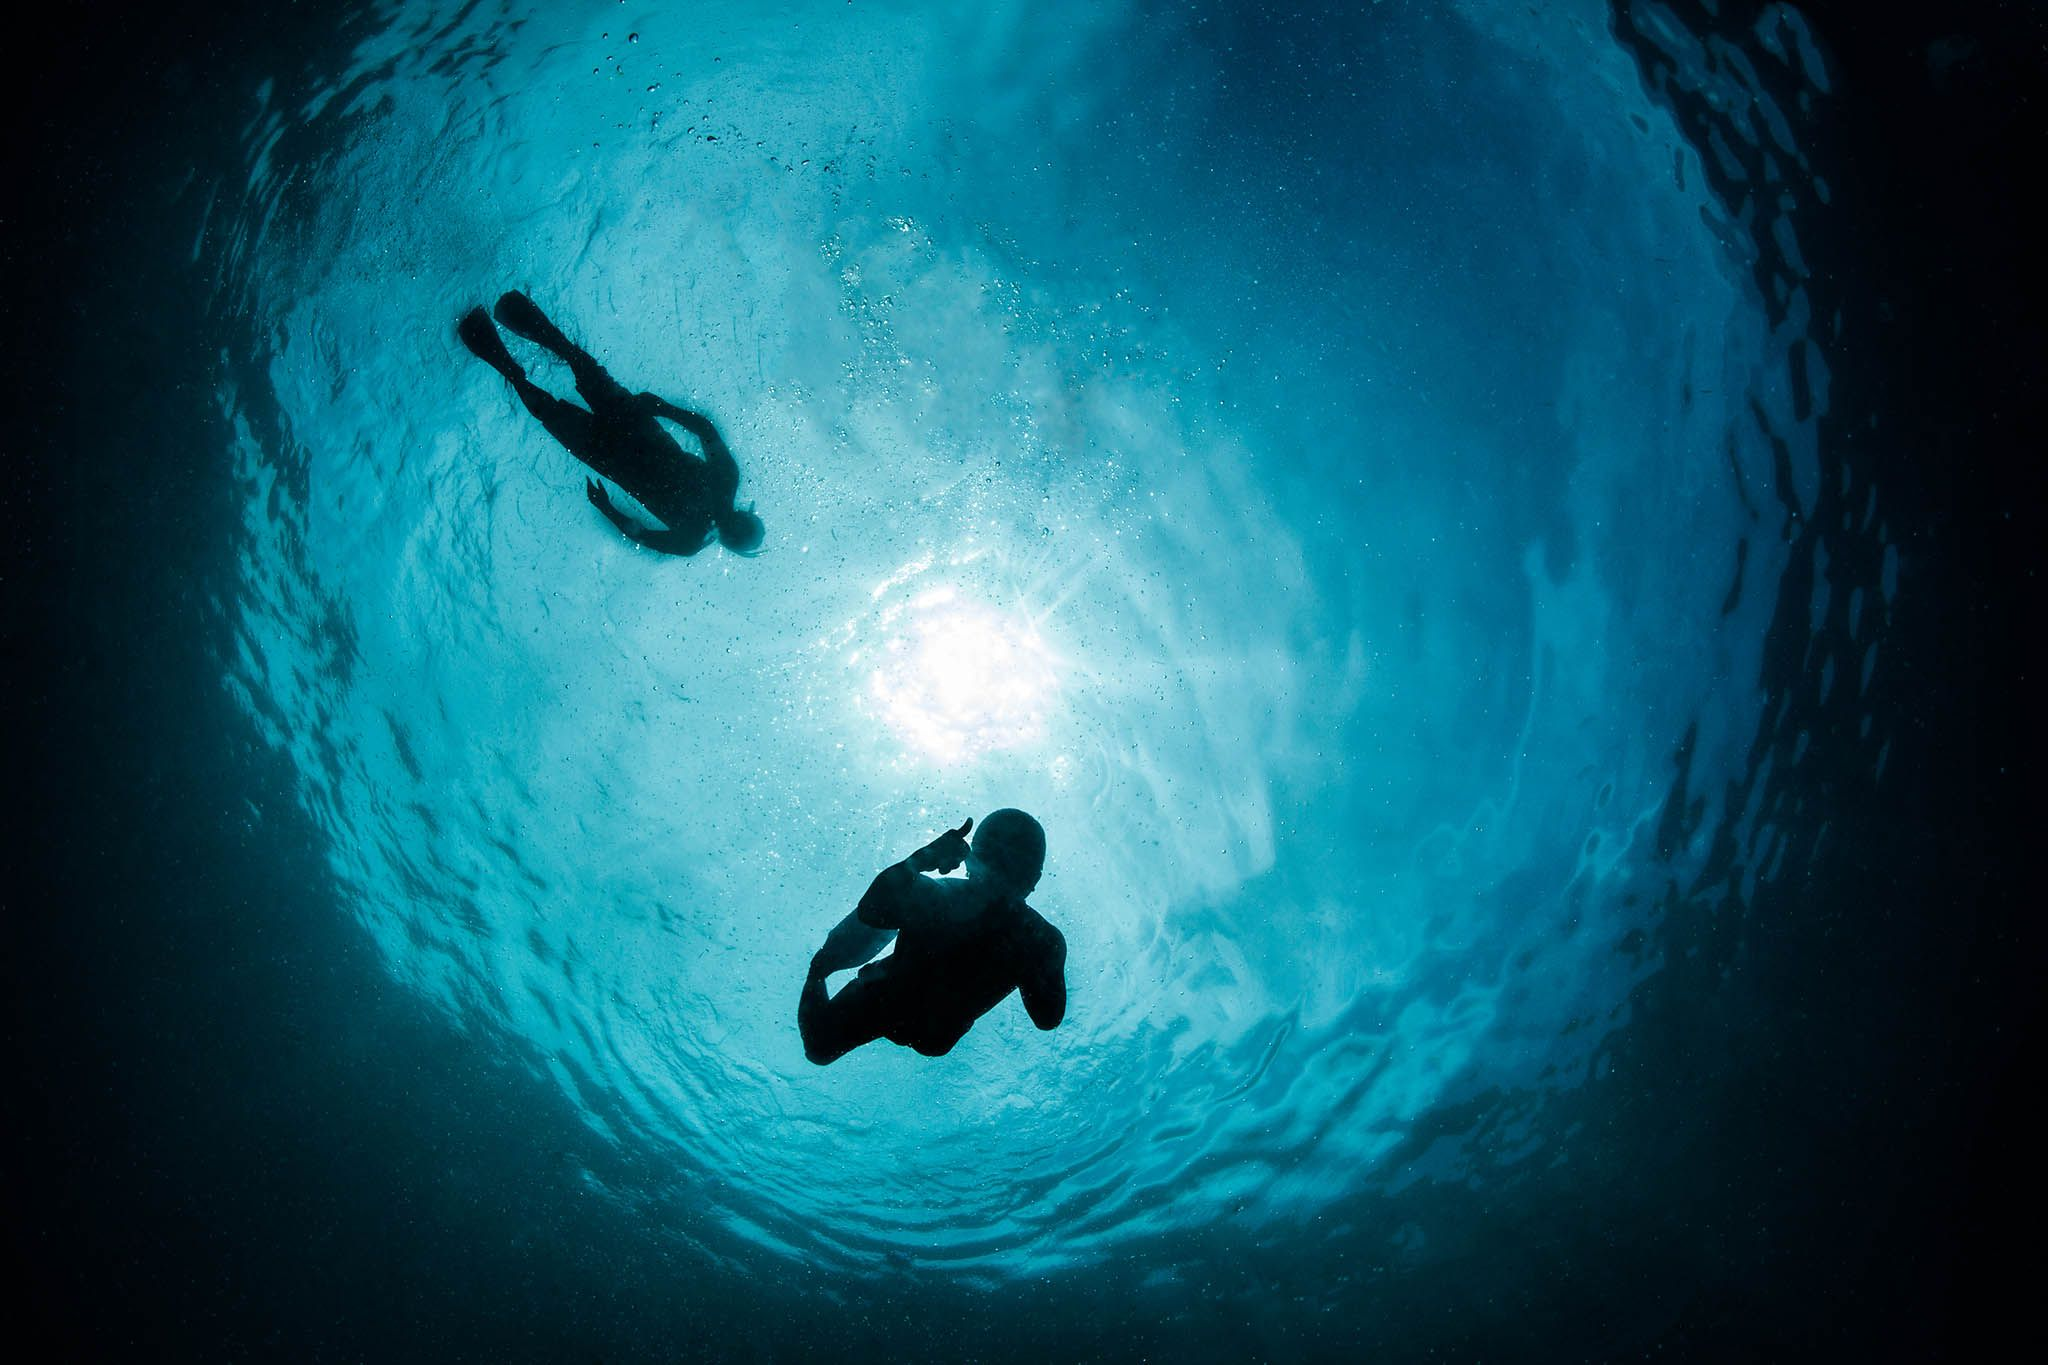 fotografia submarina con luz ambiente ejemplo